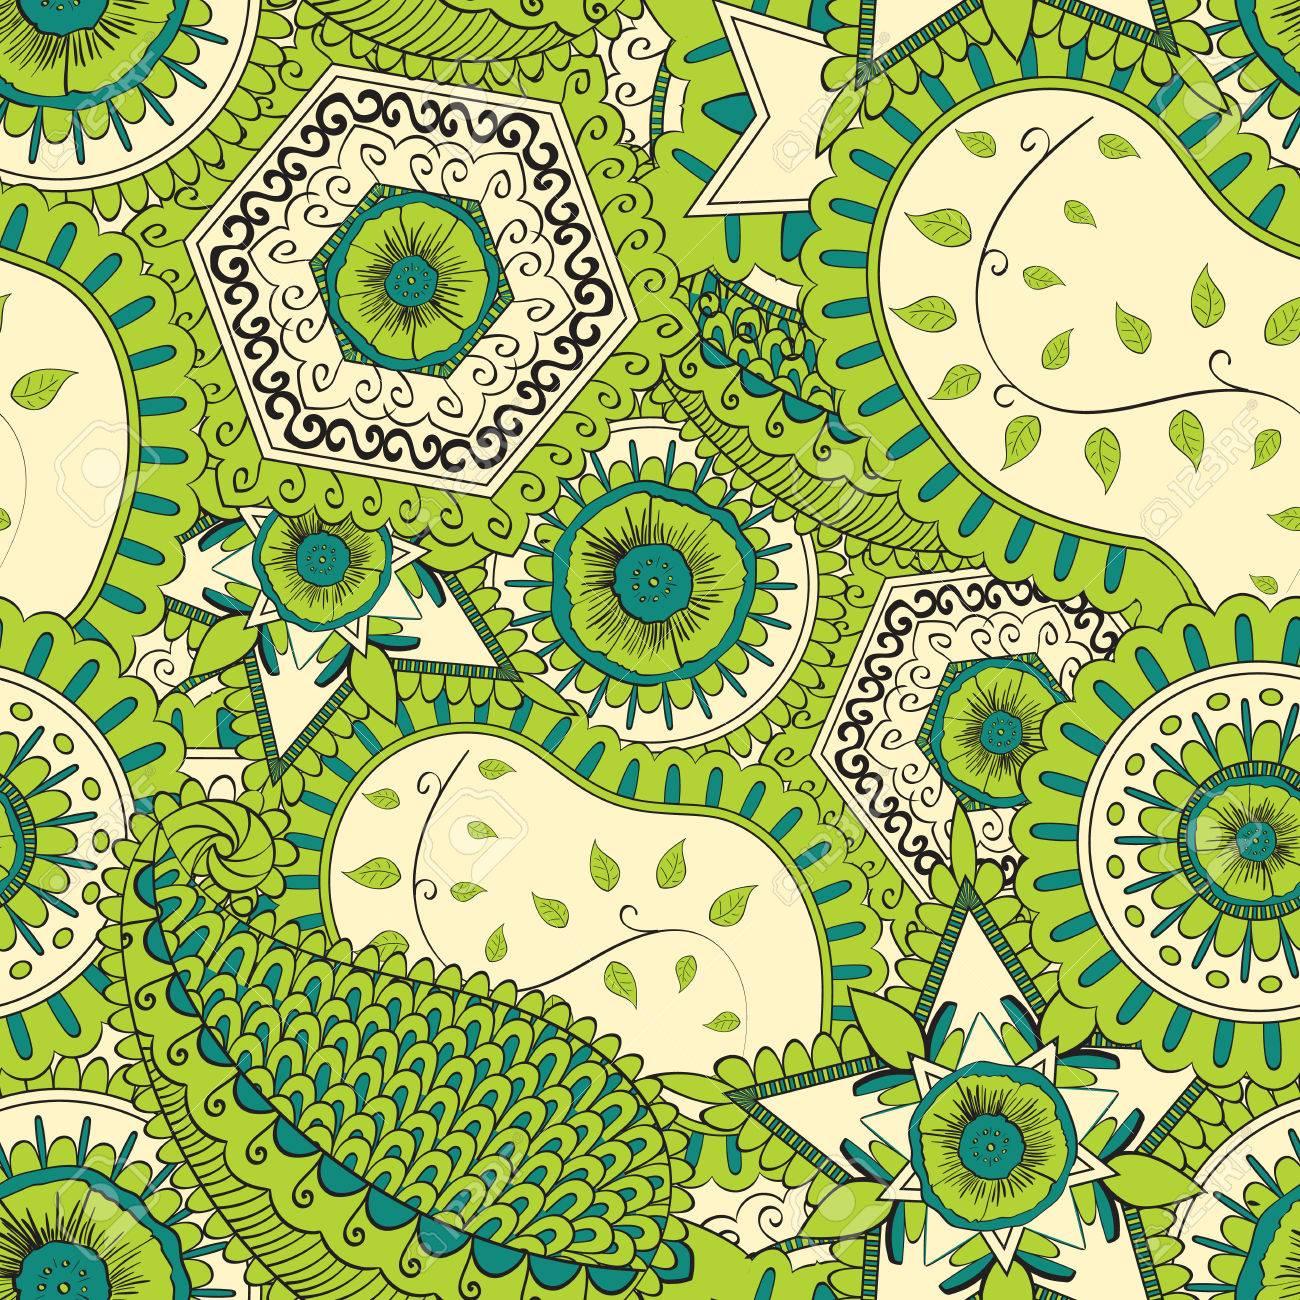 el color verde indica la naturaleza de la filiacin estilo mehendi es neutral y no